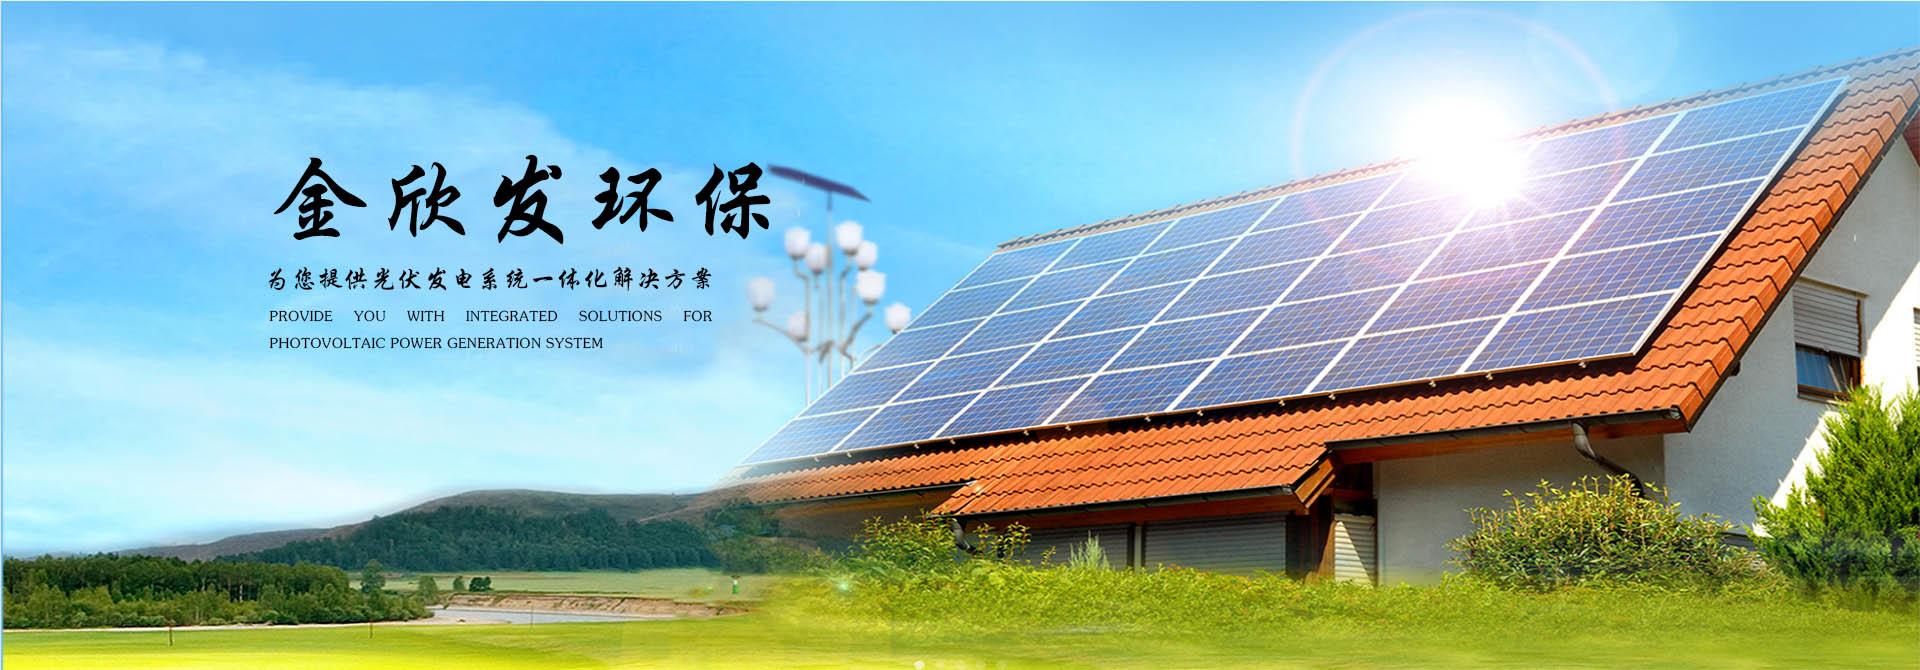 兰州太阳能光伏供电系统